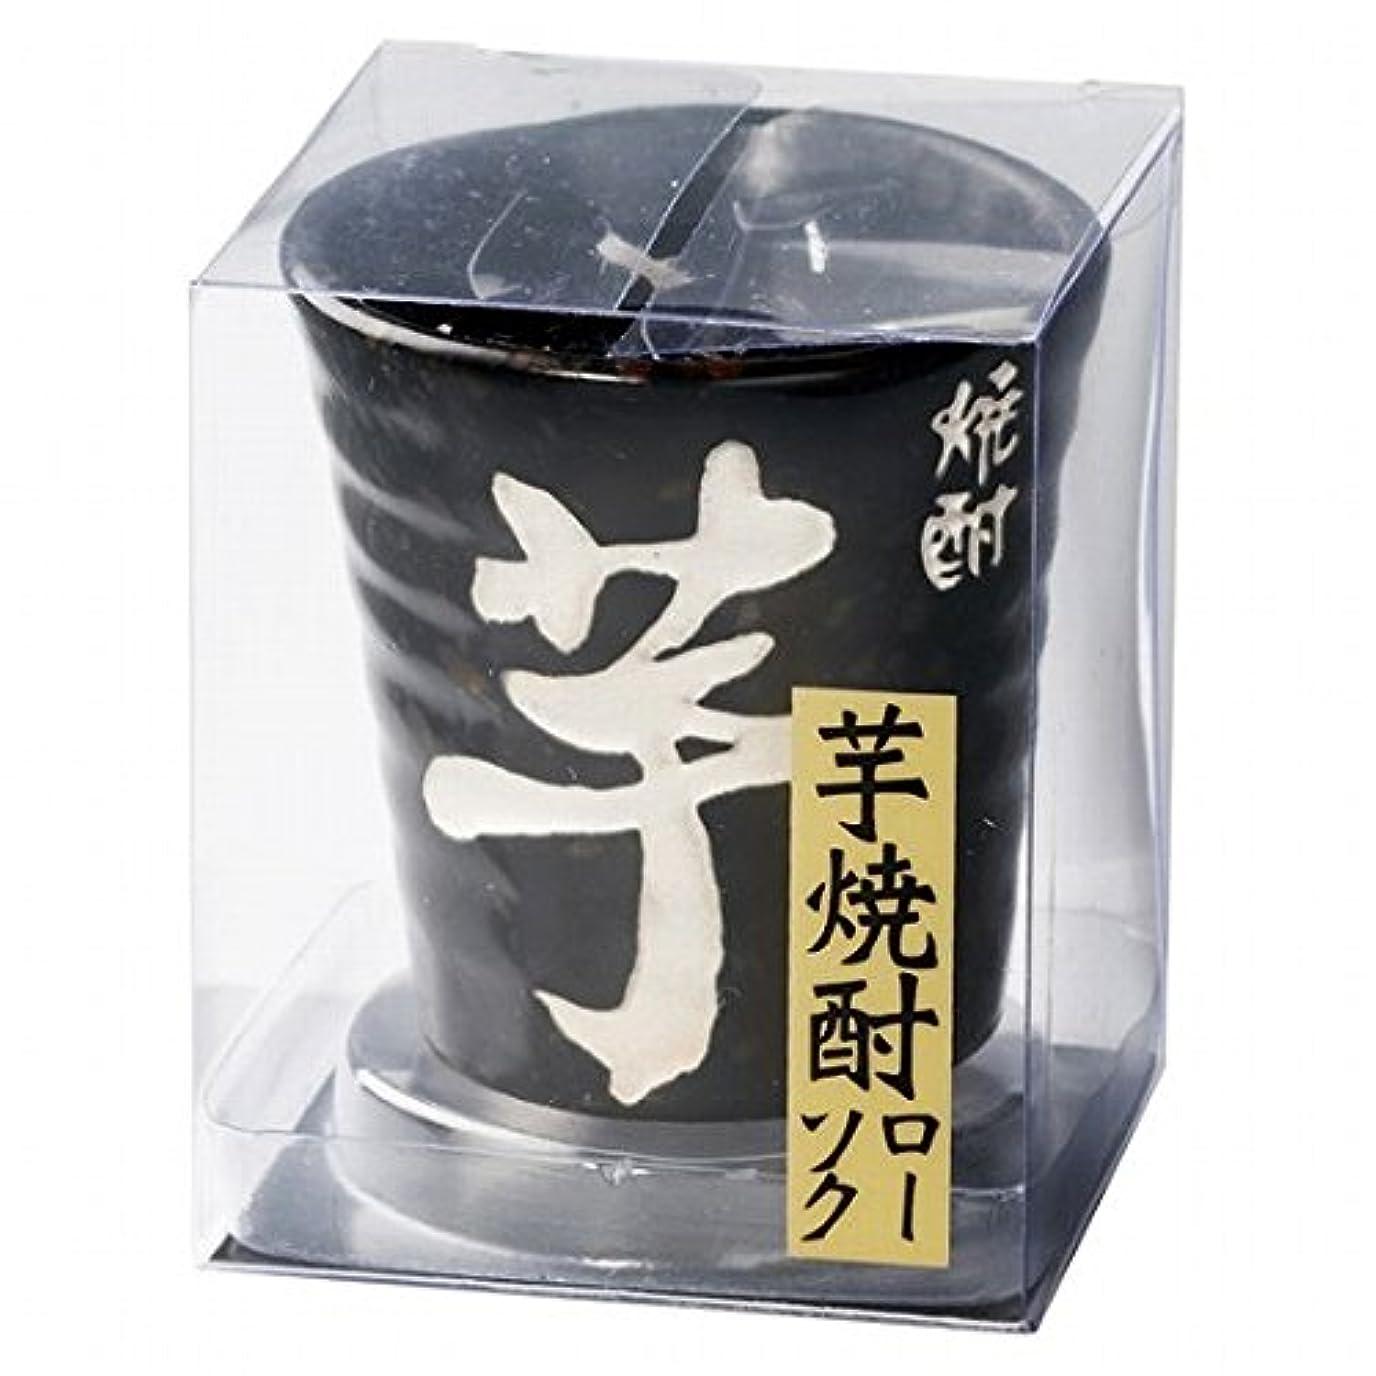 カメヤマキャンドル(kameyama candle) 芋焼酎ローソク キャンドル